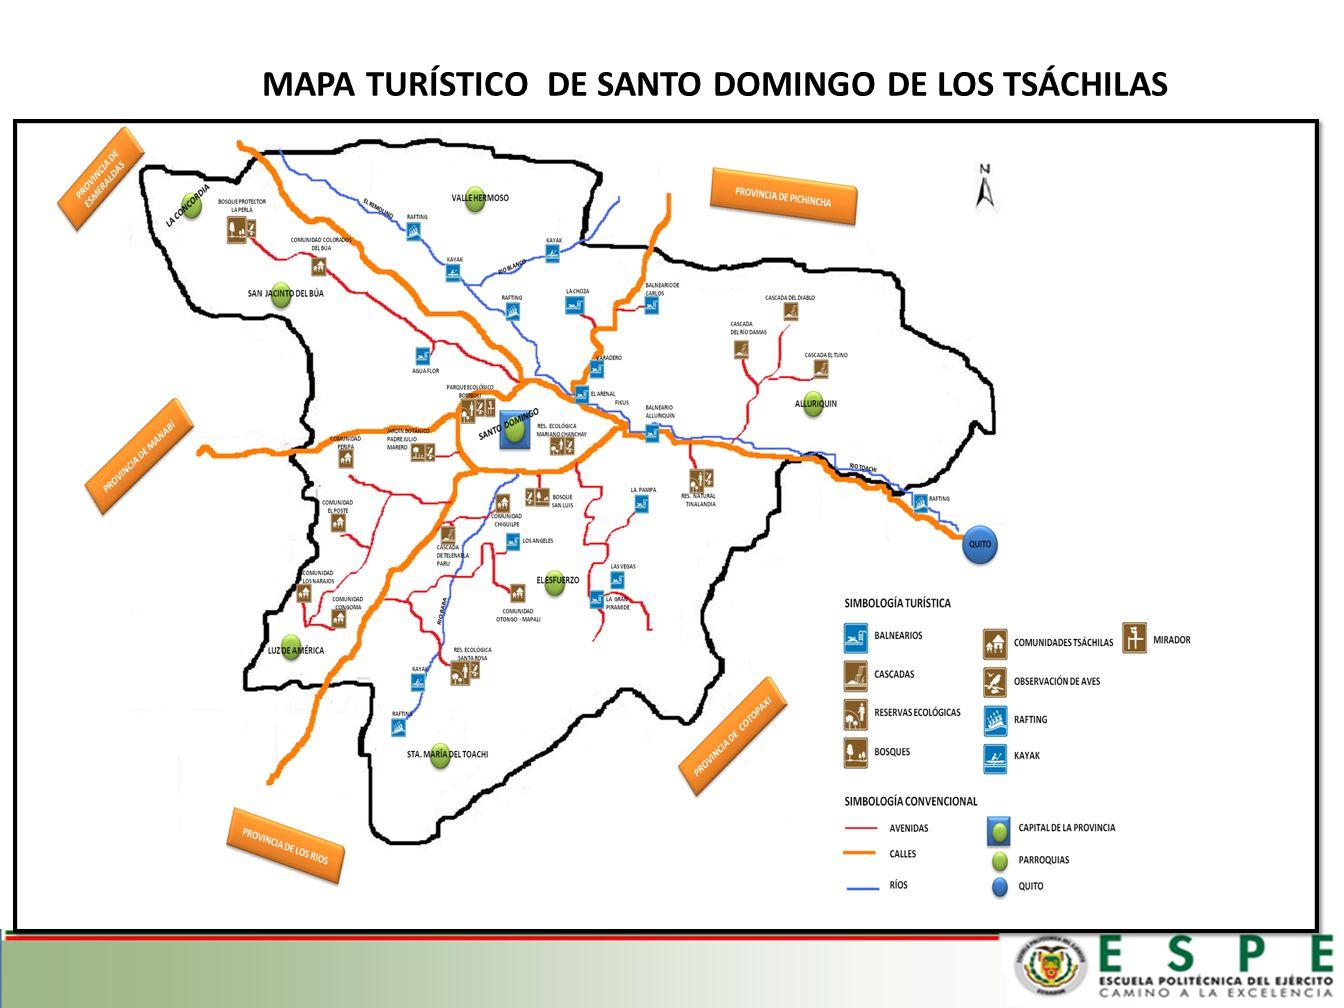 RUTAS TURÍSTICAS AGROTURISMO RUTA VERDE RUTA TROPICAL COMPARTIENDO CON LA NATURALEZA ETNOTURISMO AVENTURA TSÁCHILAS RUTA COLORADA RUTA VERDADERA GENTE 4.